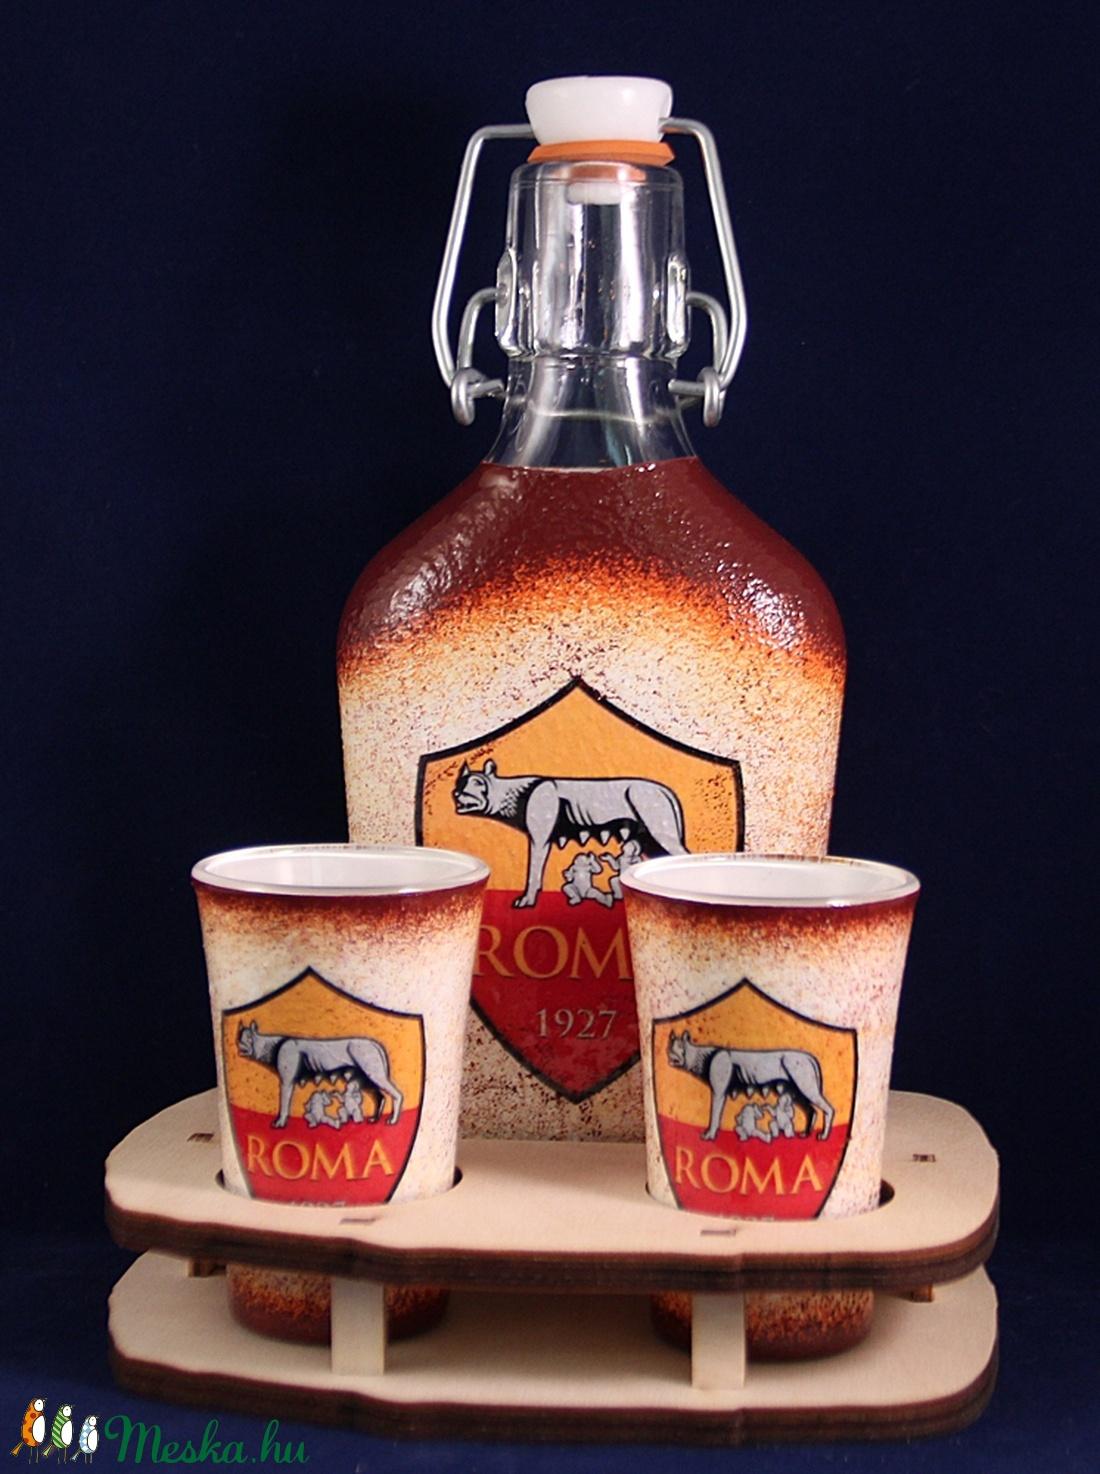 AS ROMA  emblémával díszített kis  pálinkás szett ( 0,2 l üveg + 2x45ml pohár + tartó )  (decorfantasy) - Meska.hu